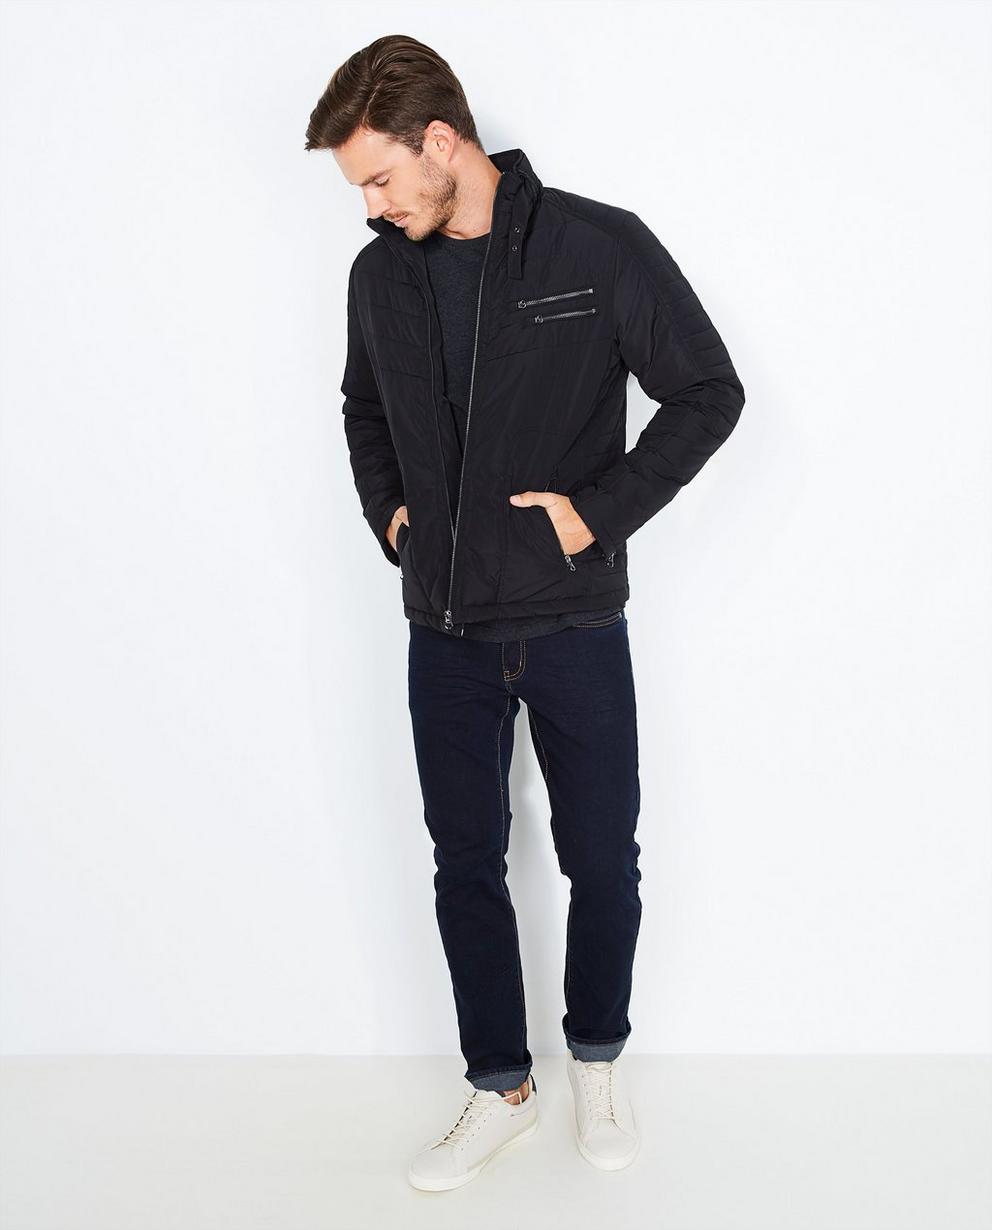 Zwarte gewatteerde jas - met ritsen - Iveo